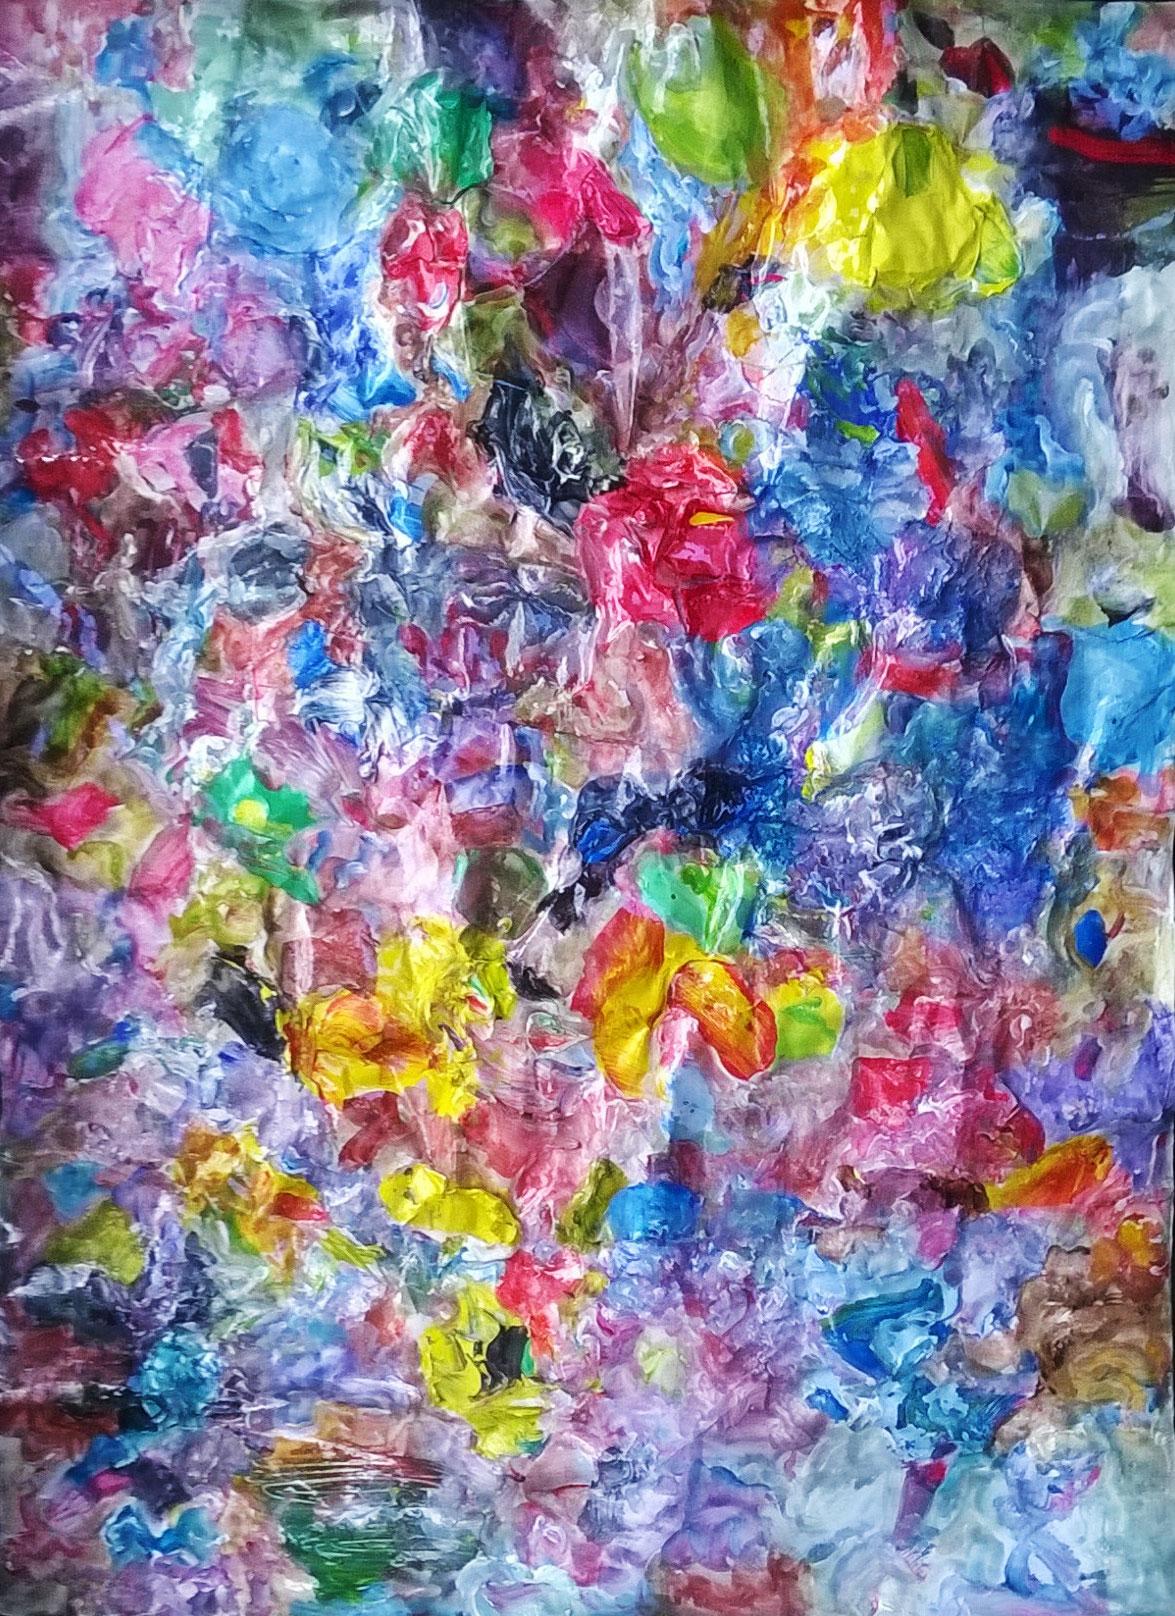 Topographie, 2020, collage papier, gouache et acrylique, 28 x 38 cm